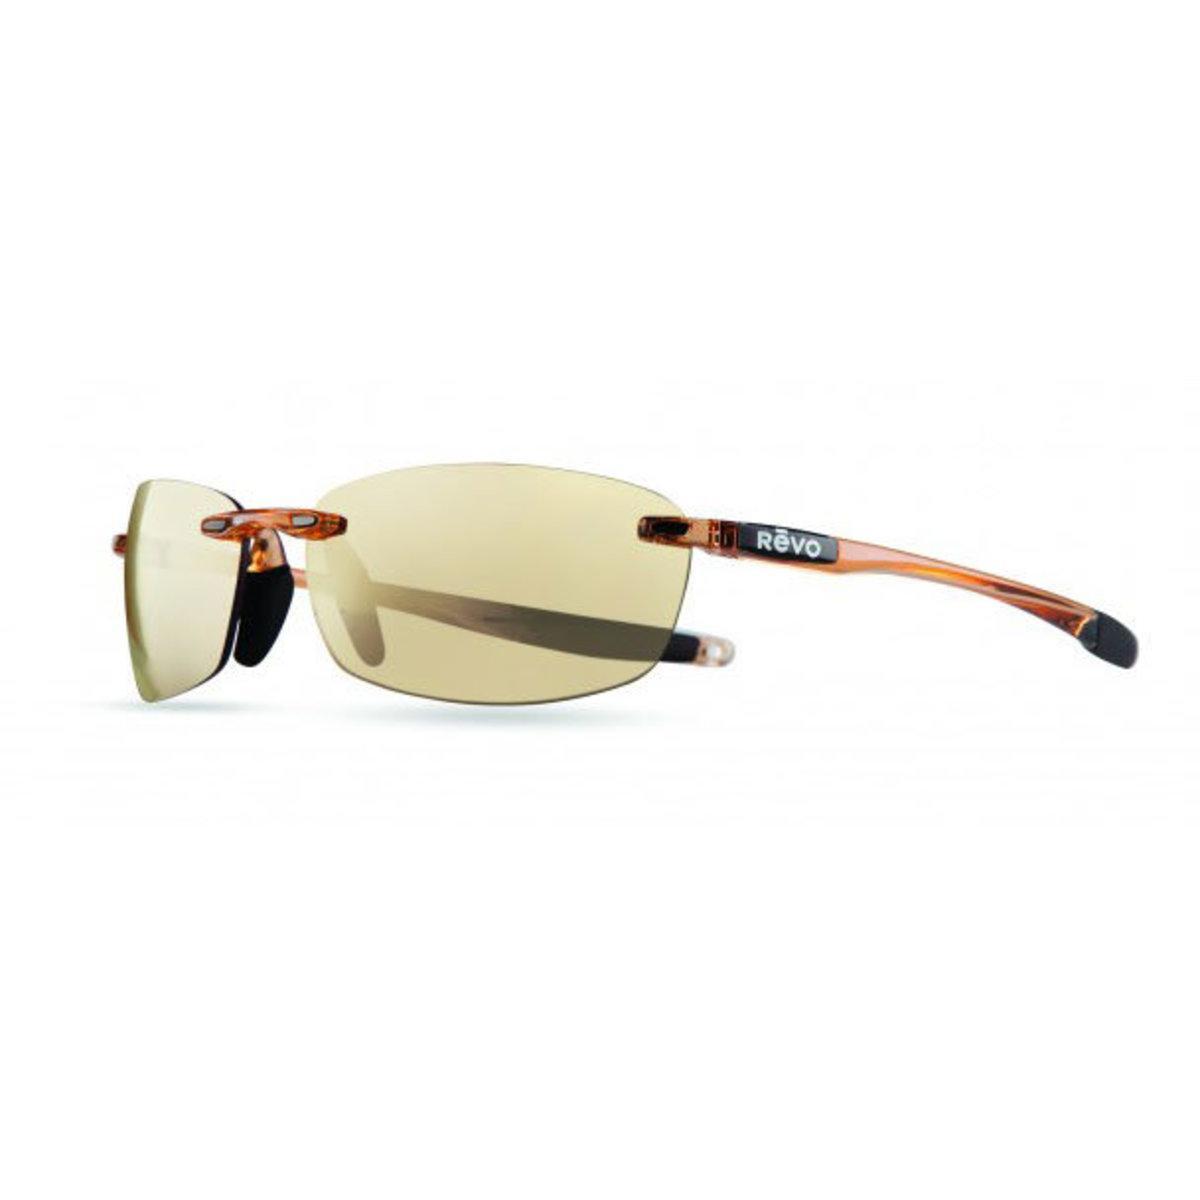 e423acdc28 Revo - Multicolor Descend E Polarized Sunglasses - Lyst. View fullscreen